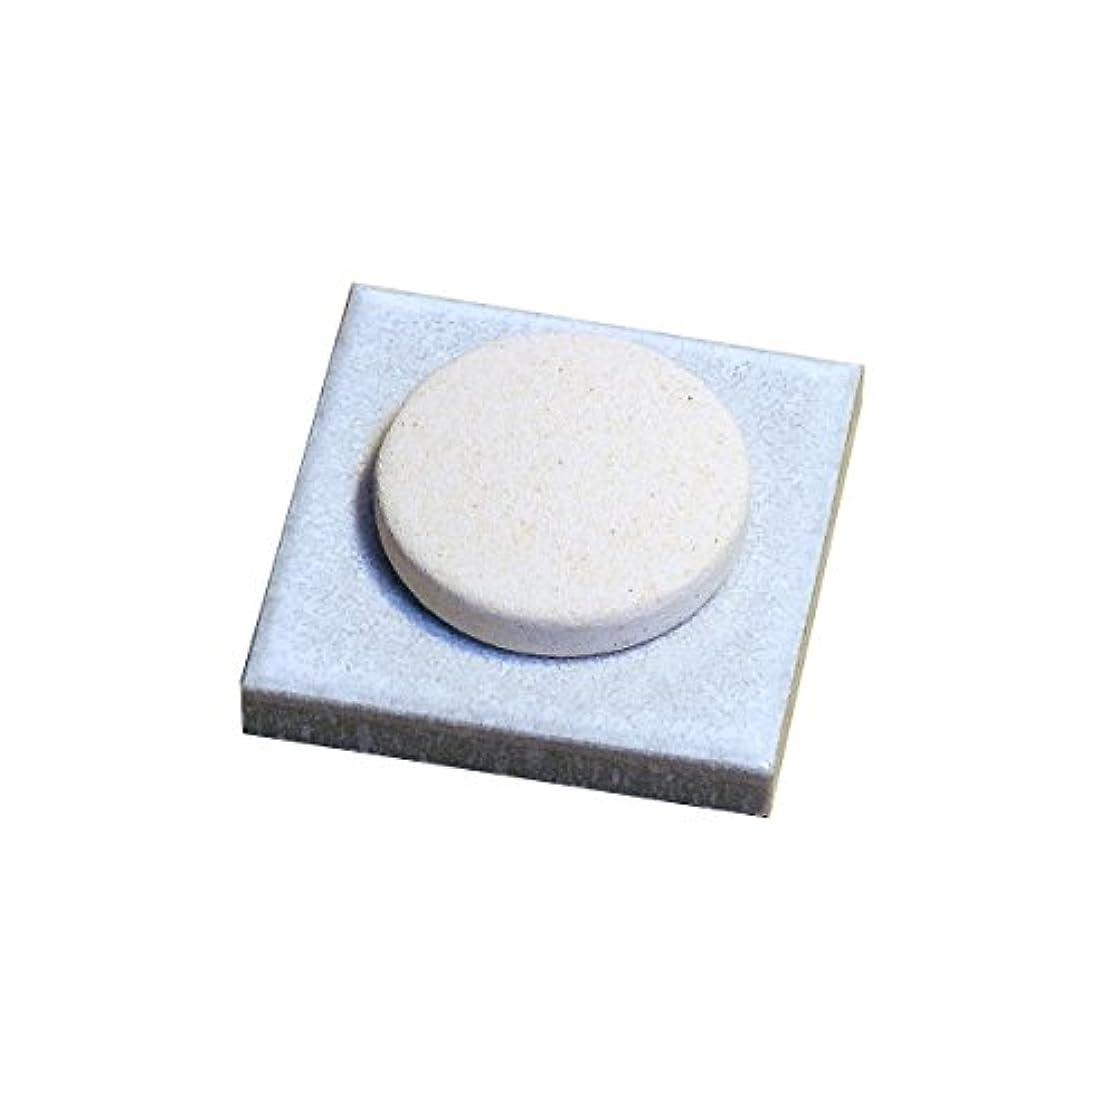 カートンやろう国〔立風屋〕珪藻土アロマプレート美濃焼タイルセット ホワイト(白) RPAP-01003-WT